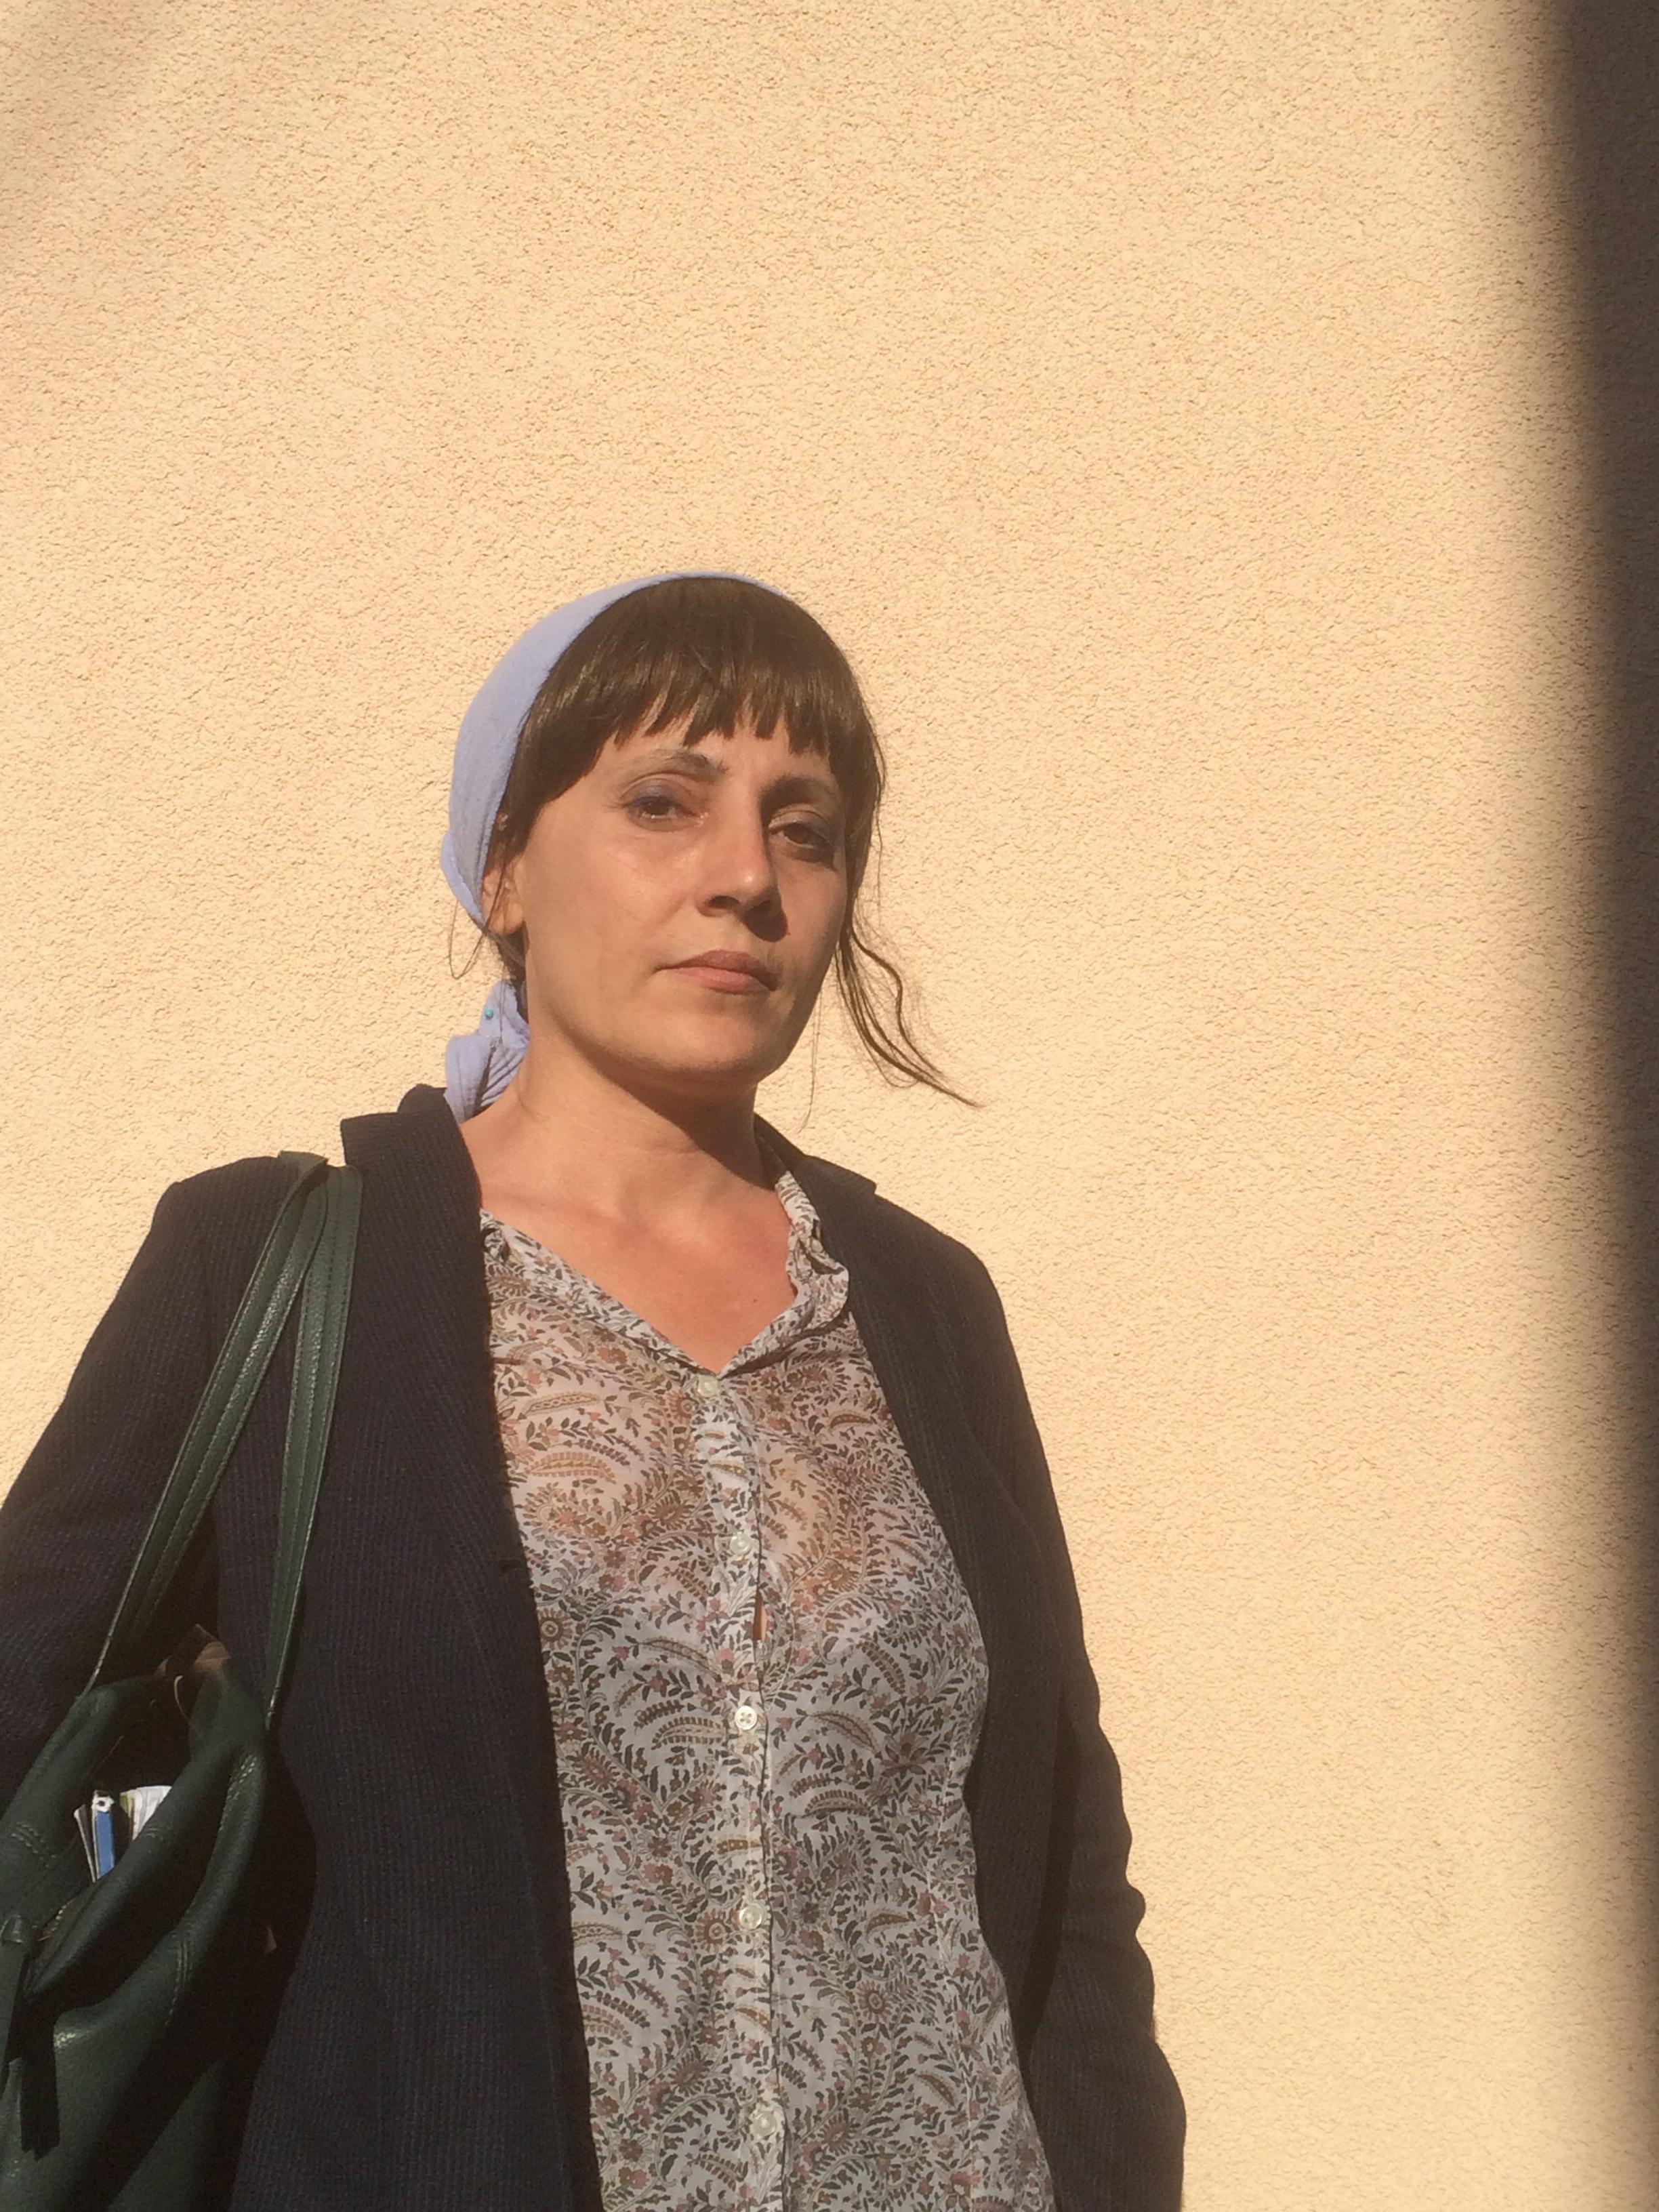 Fadwa Suleimane à Sète : « Nous sommes les fantômes de ceux qui étaient là-bas. » Photo JMDH